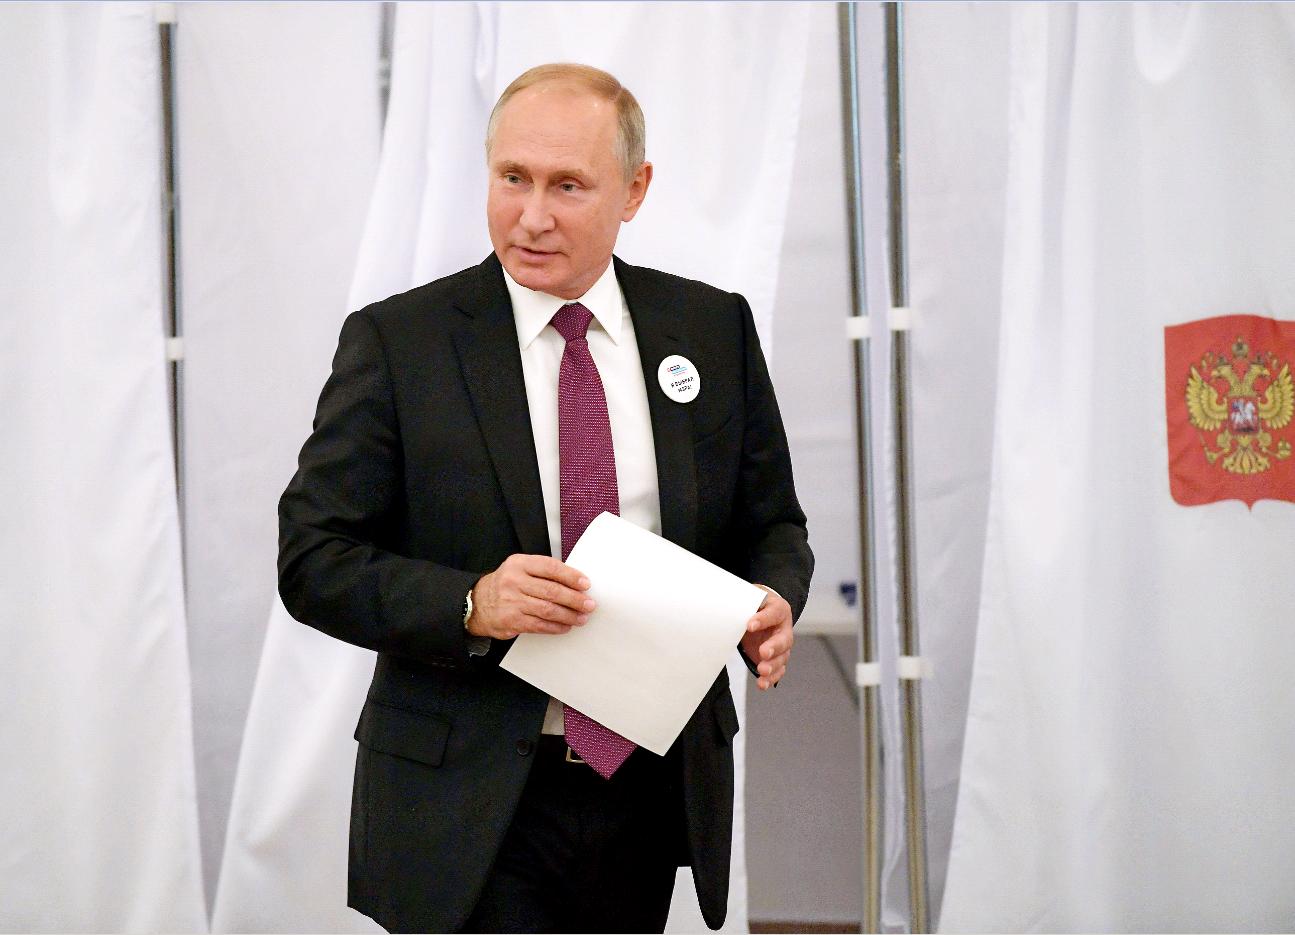 — Москва развивается хорошими темпами и с хорошим качеством. Поэтому я рассчитываю, что такой стиль управления столицей будет сохранен на ближайшую перспективу.